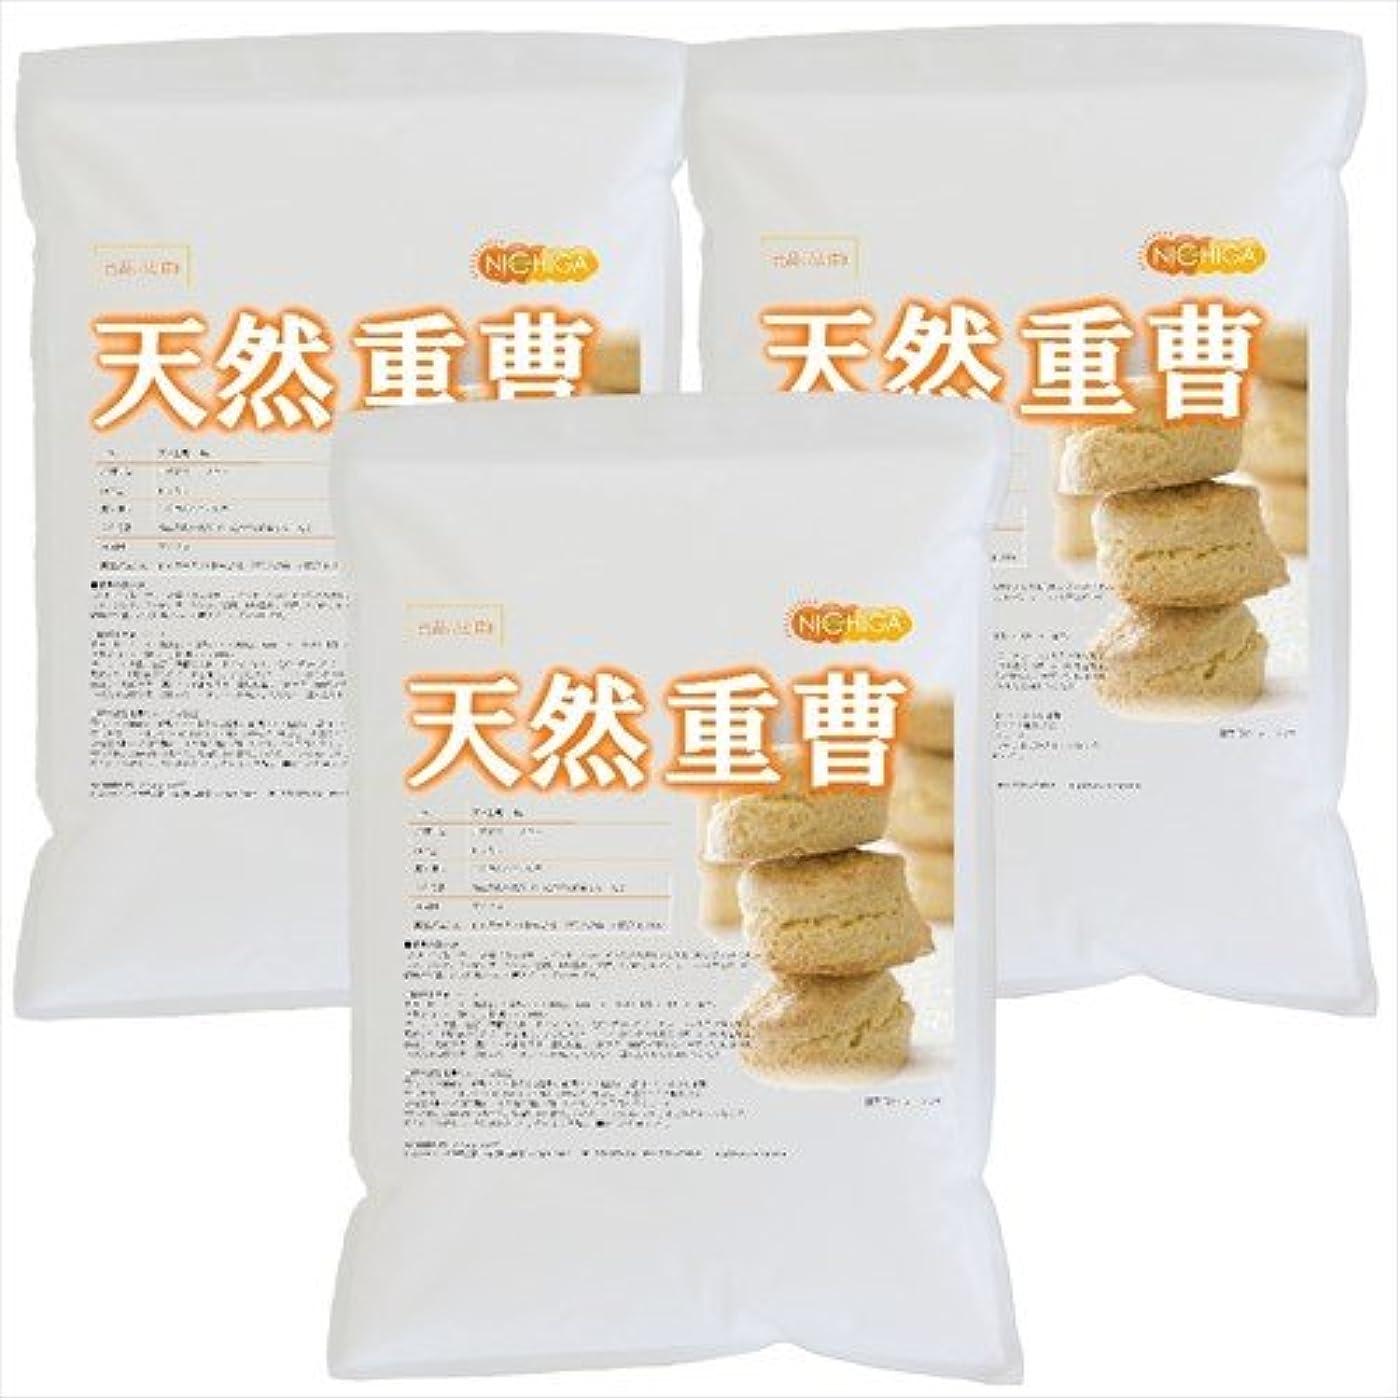 軽量お香支店天然 重曹 5kg×3袋 [02] 炭酸水素ナトリウム 食品添加物(食品用)NICHIGA(ニチガ)